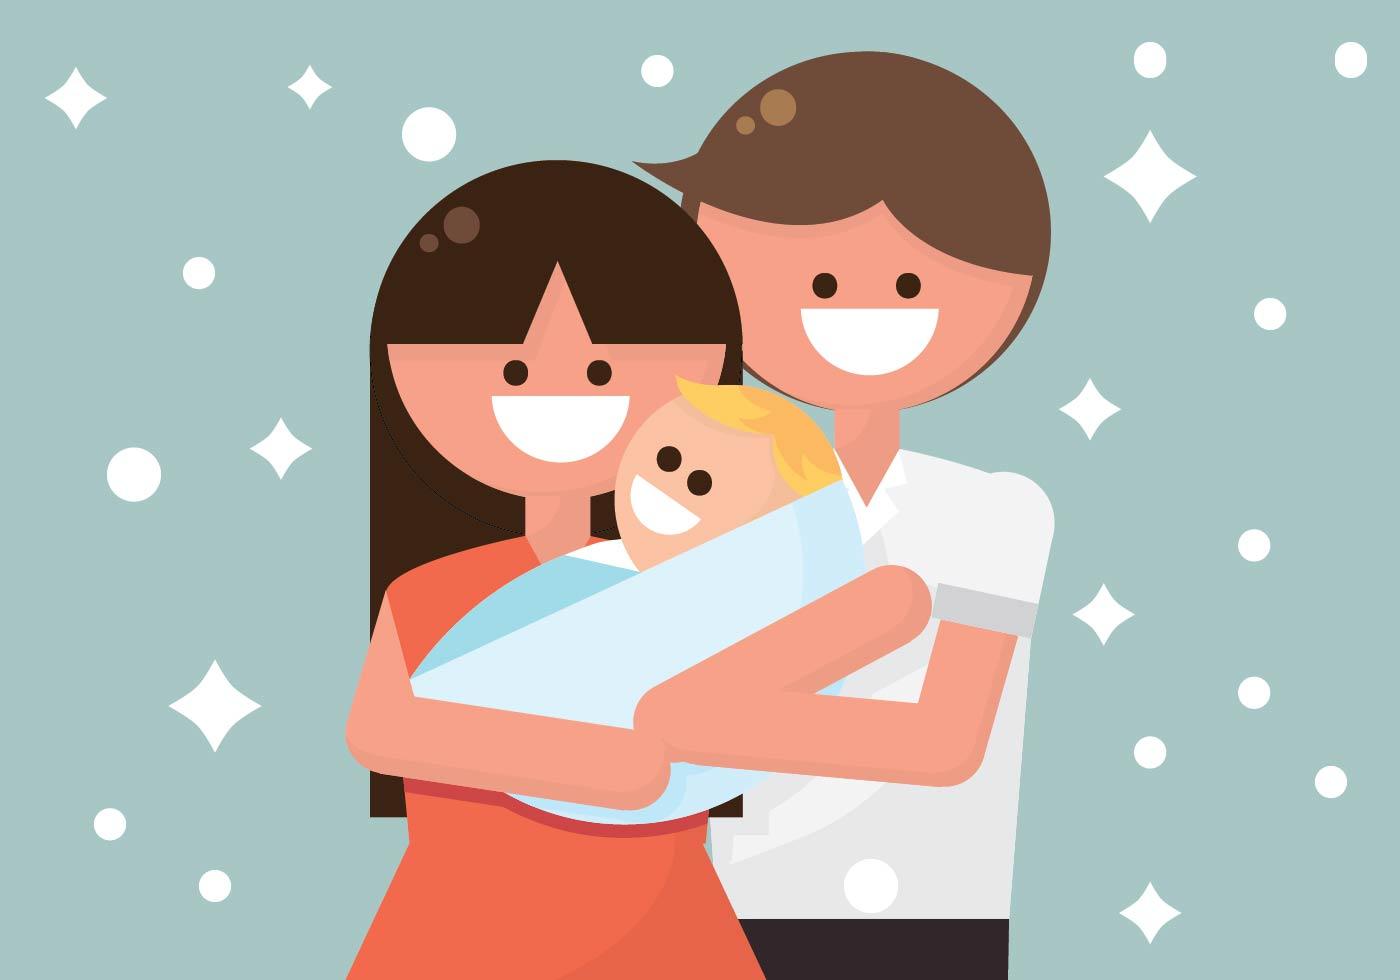 Cute Family Portraits - Download Free Vectors, Clipart ...